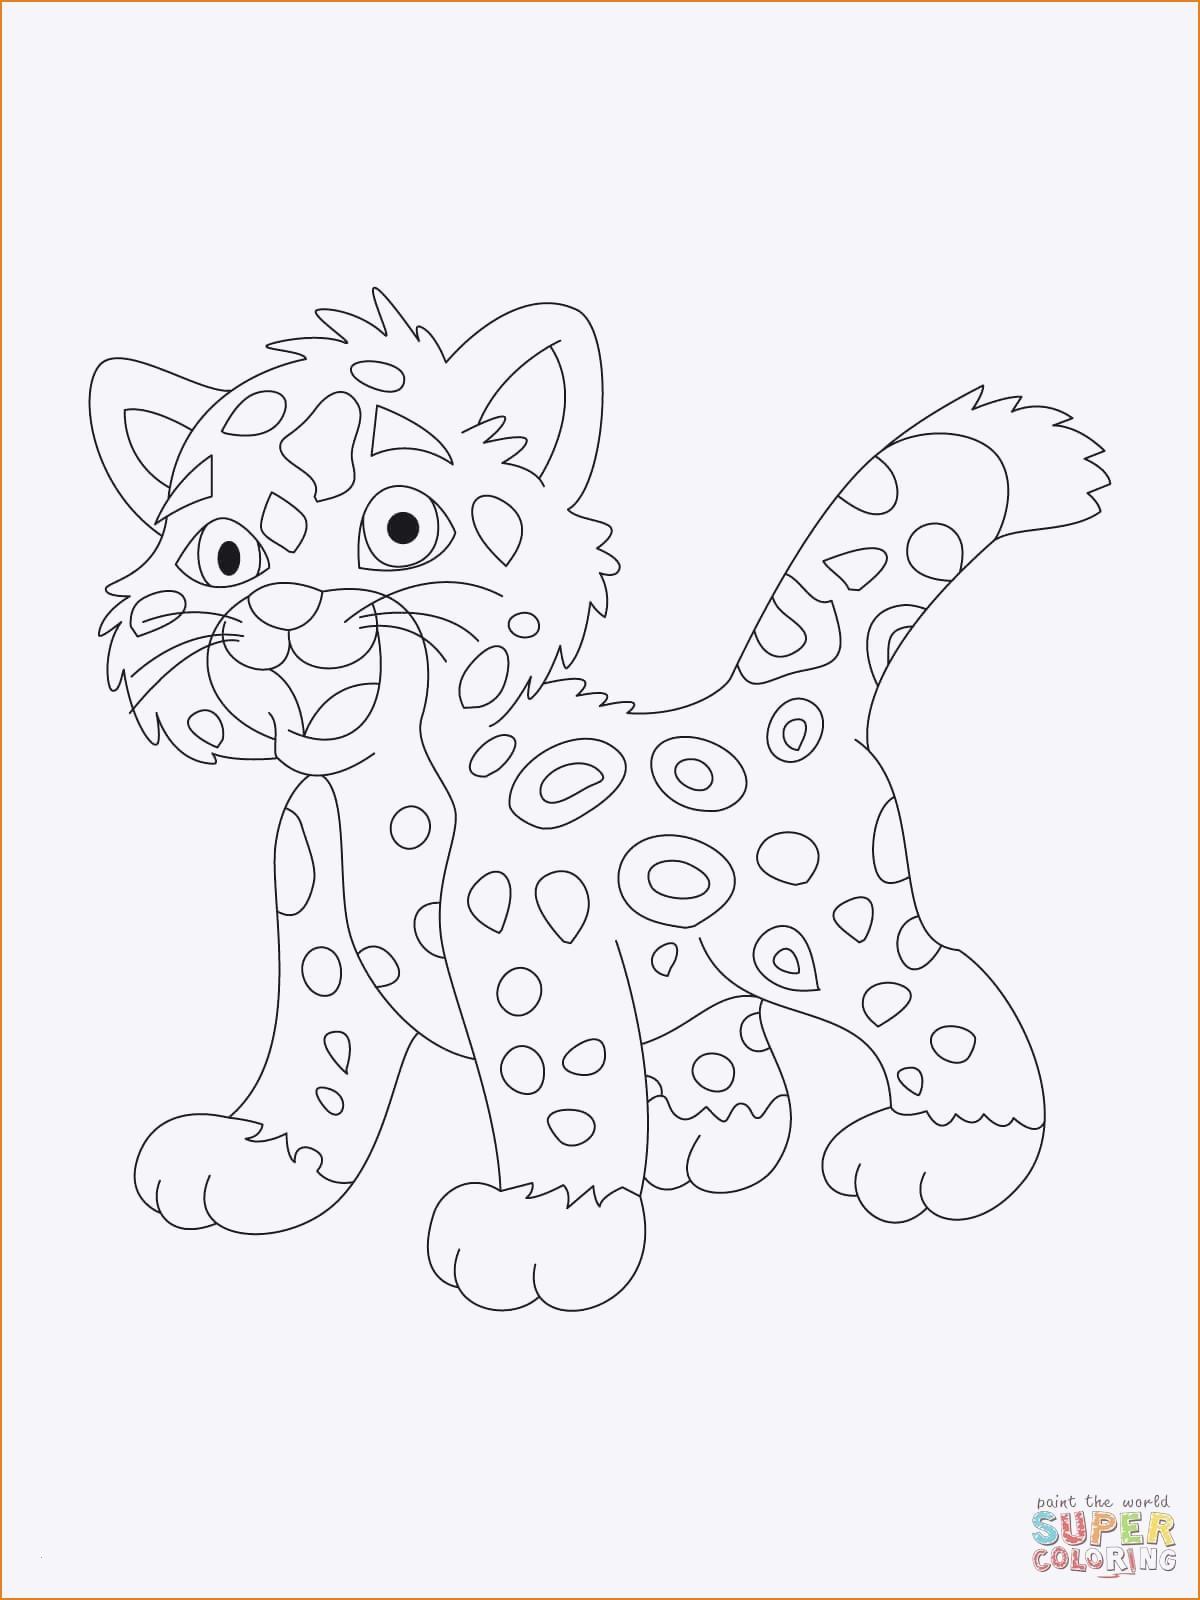 Pokemon Ausmalbilder sonne Und Mond Das Beste Von Ausmalbilder Jaguar Schön Baby Jaguar Best 40 Ausmalbilder Jaguar Fotos